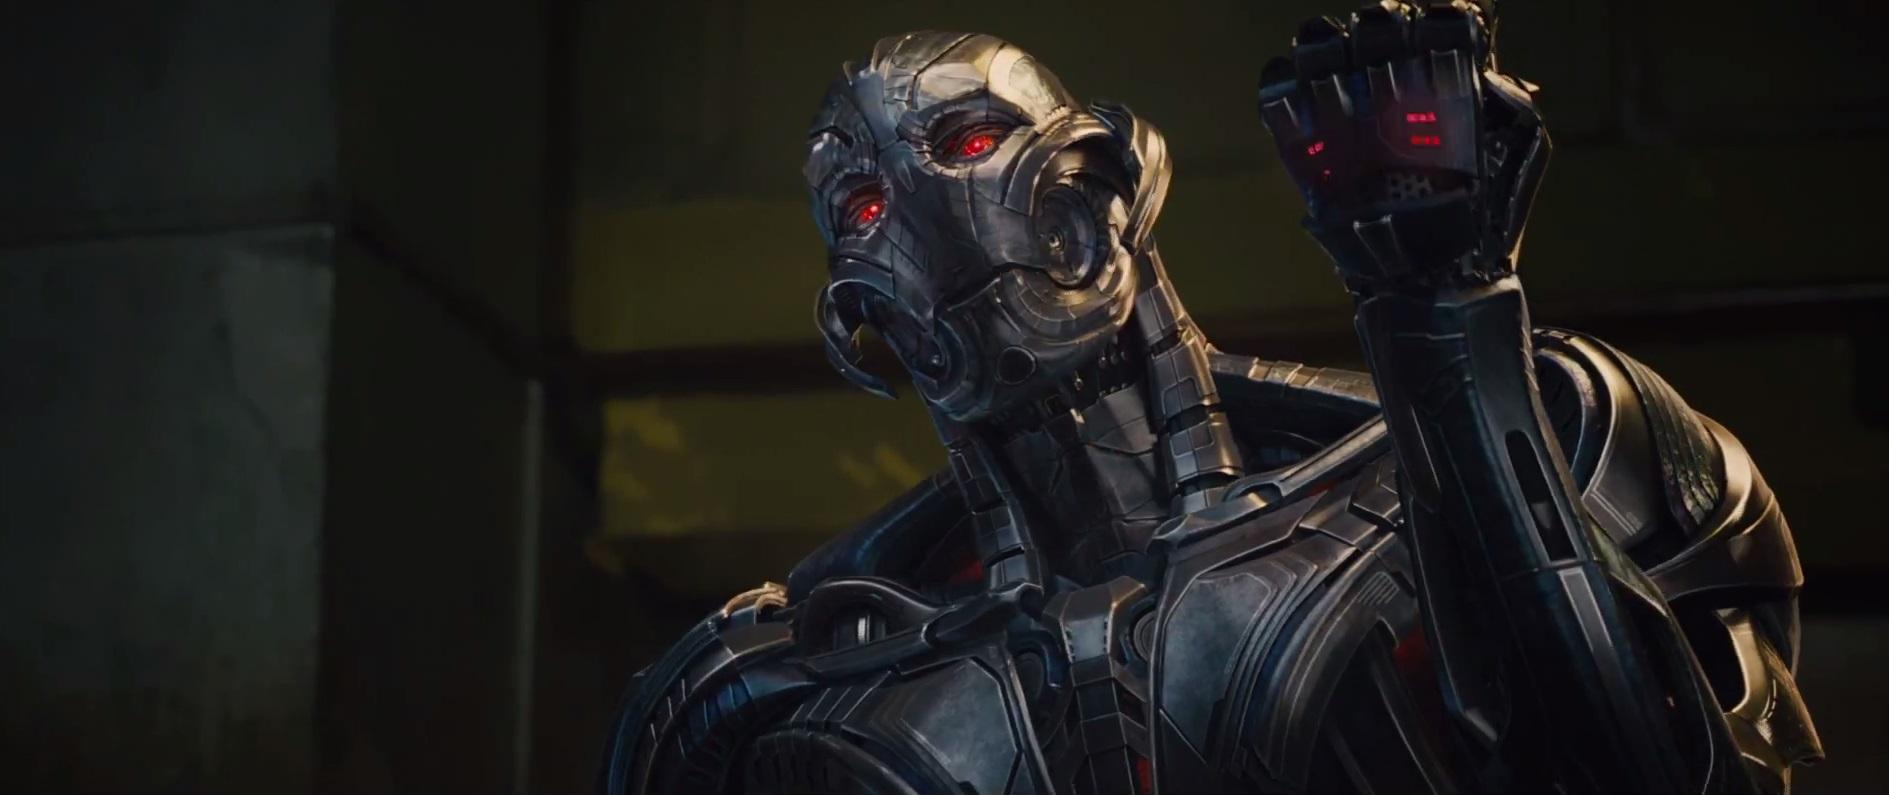 Мстители Эра Альтрона (Avengers Age of Ultron) отзыв о фильме